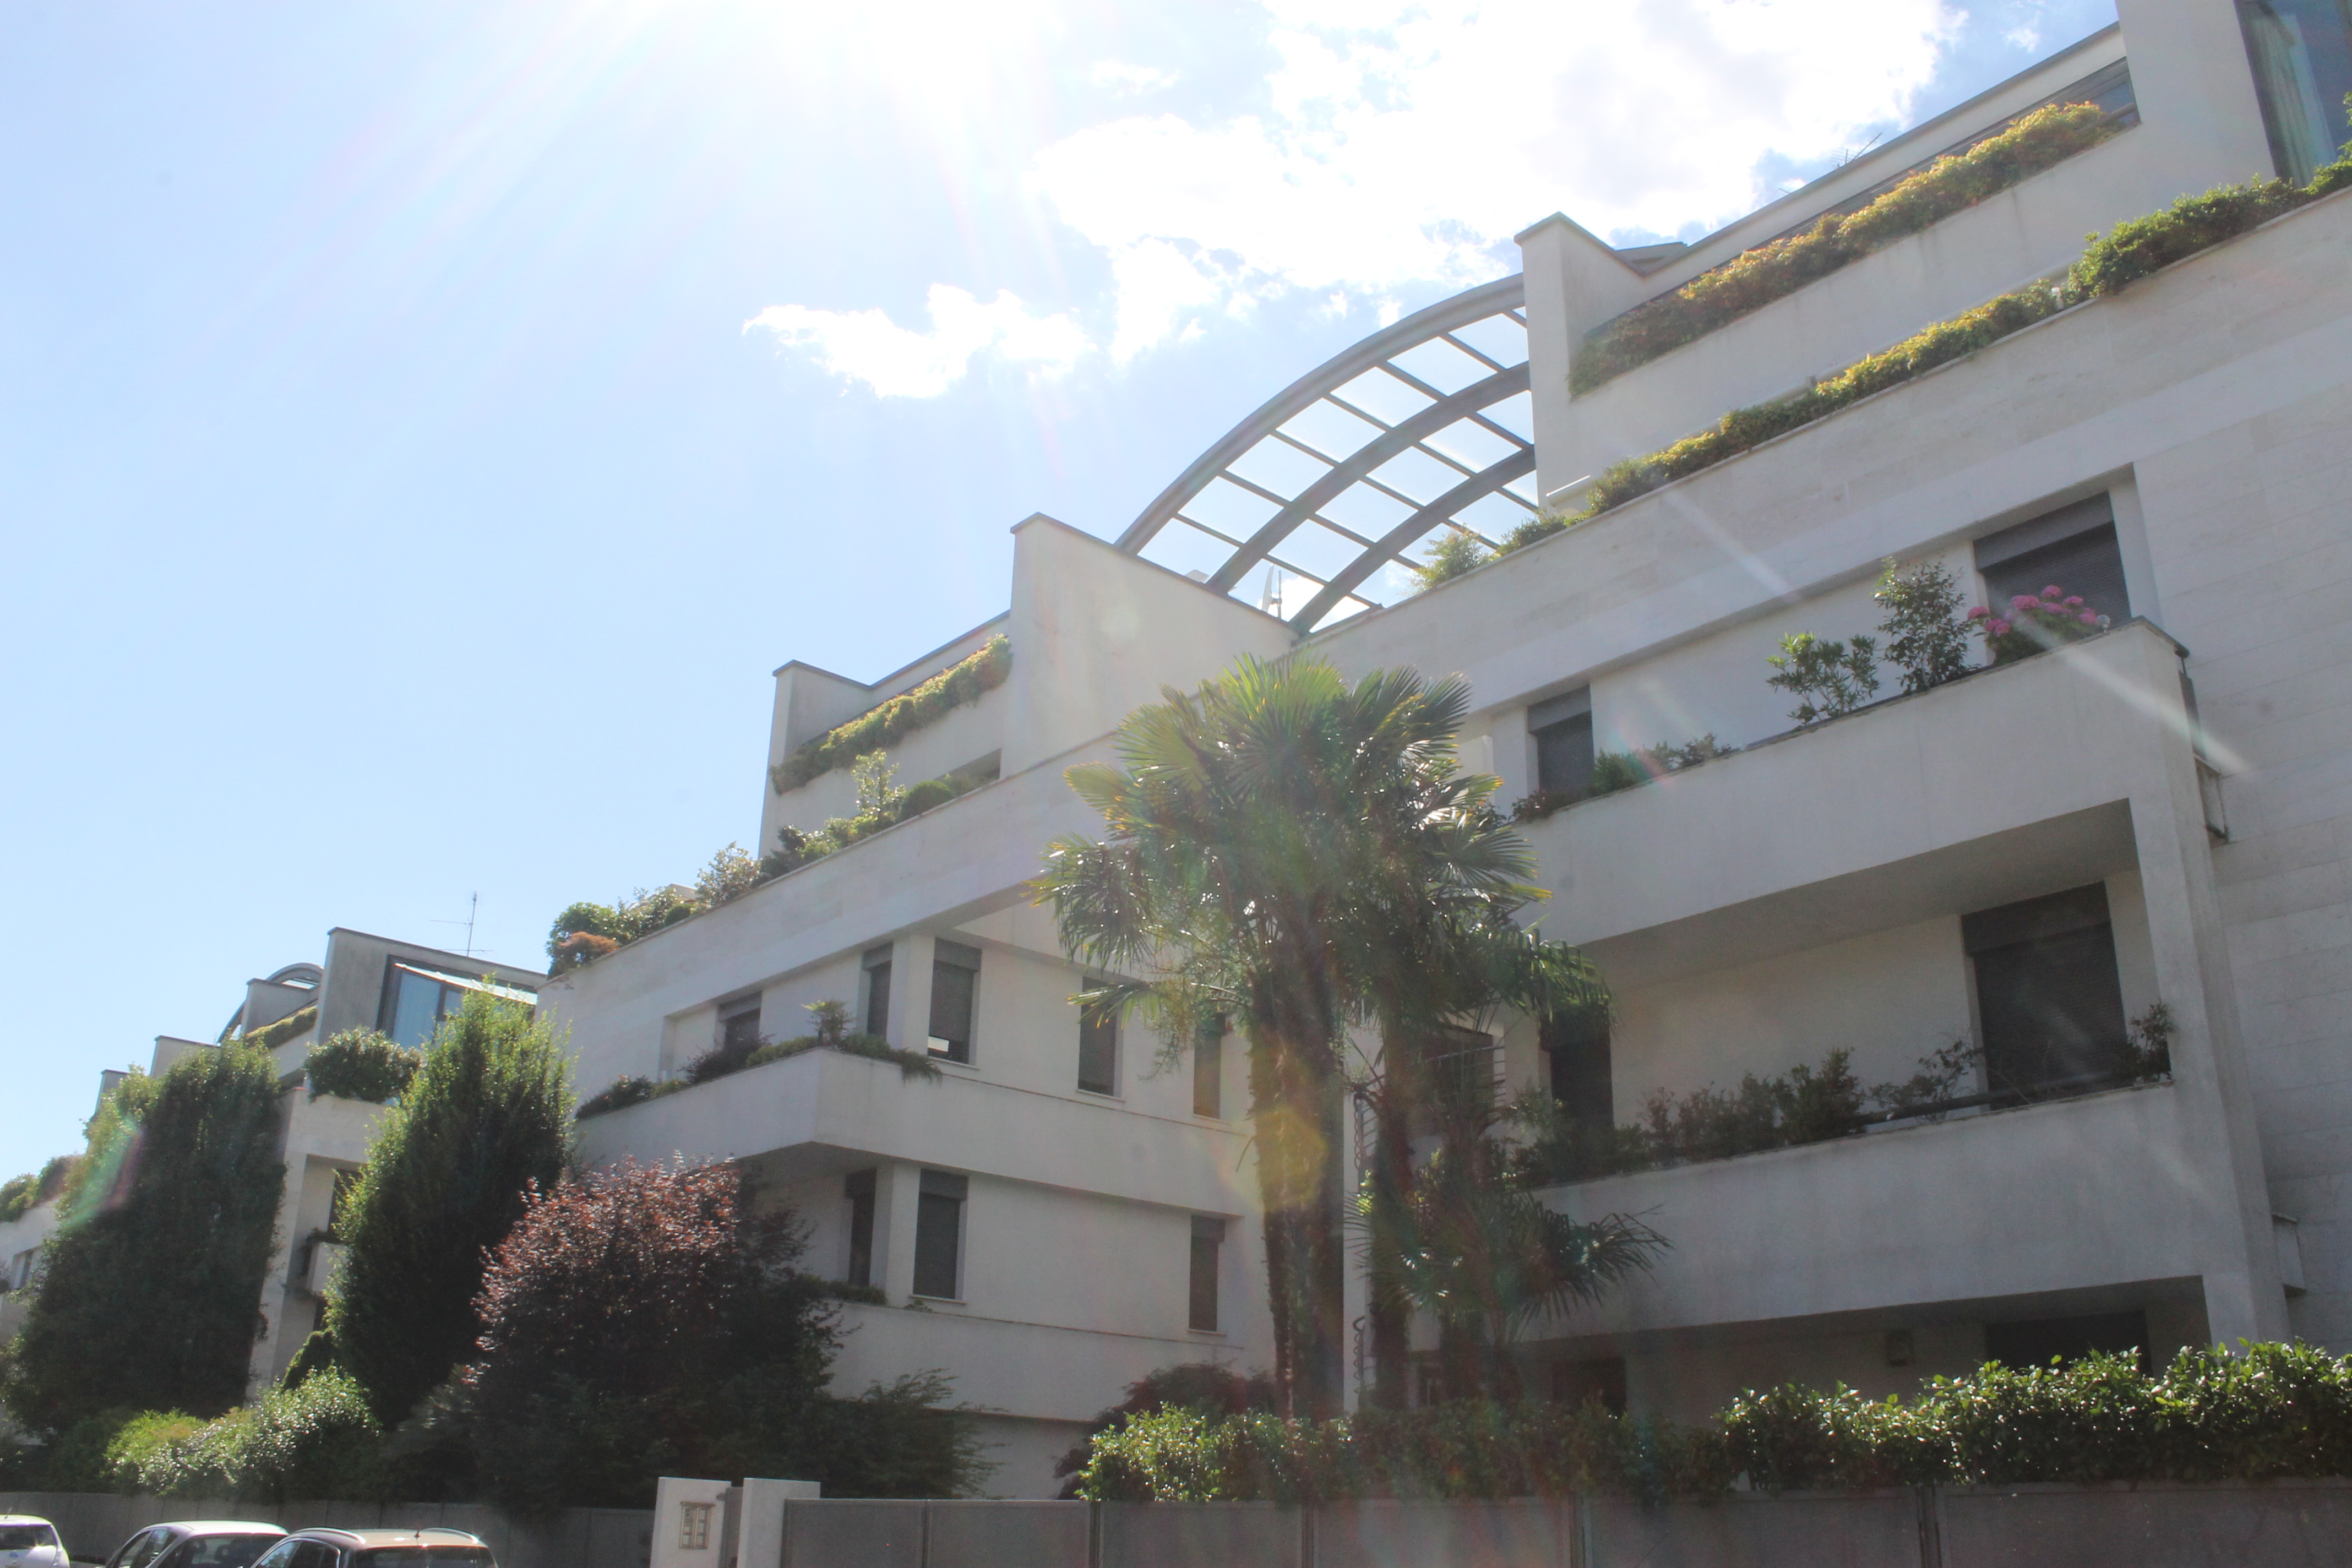 Appartamento con terrazzo a Mariano Comense